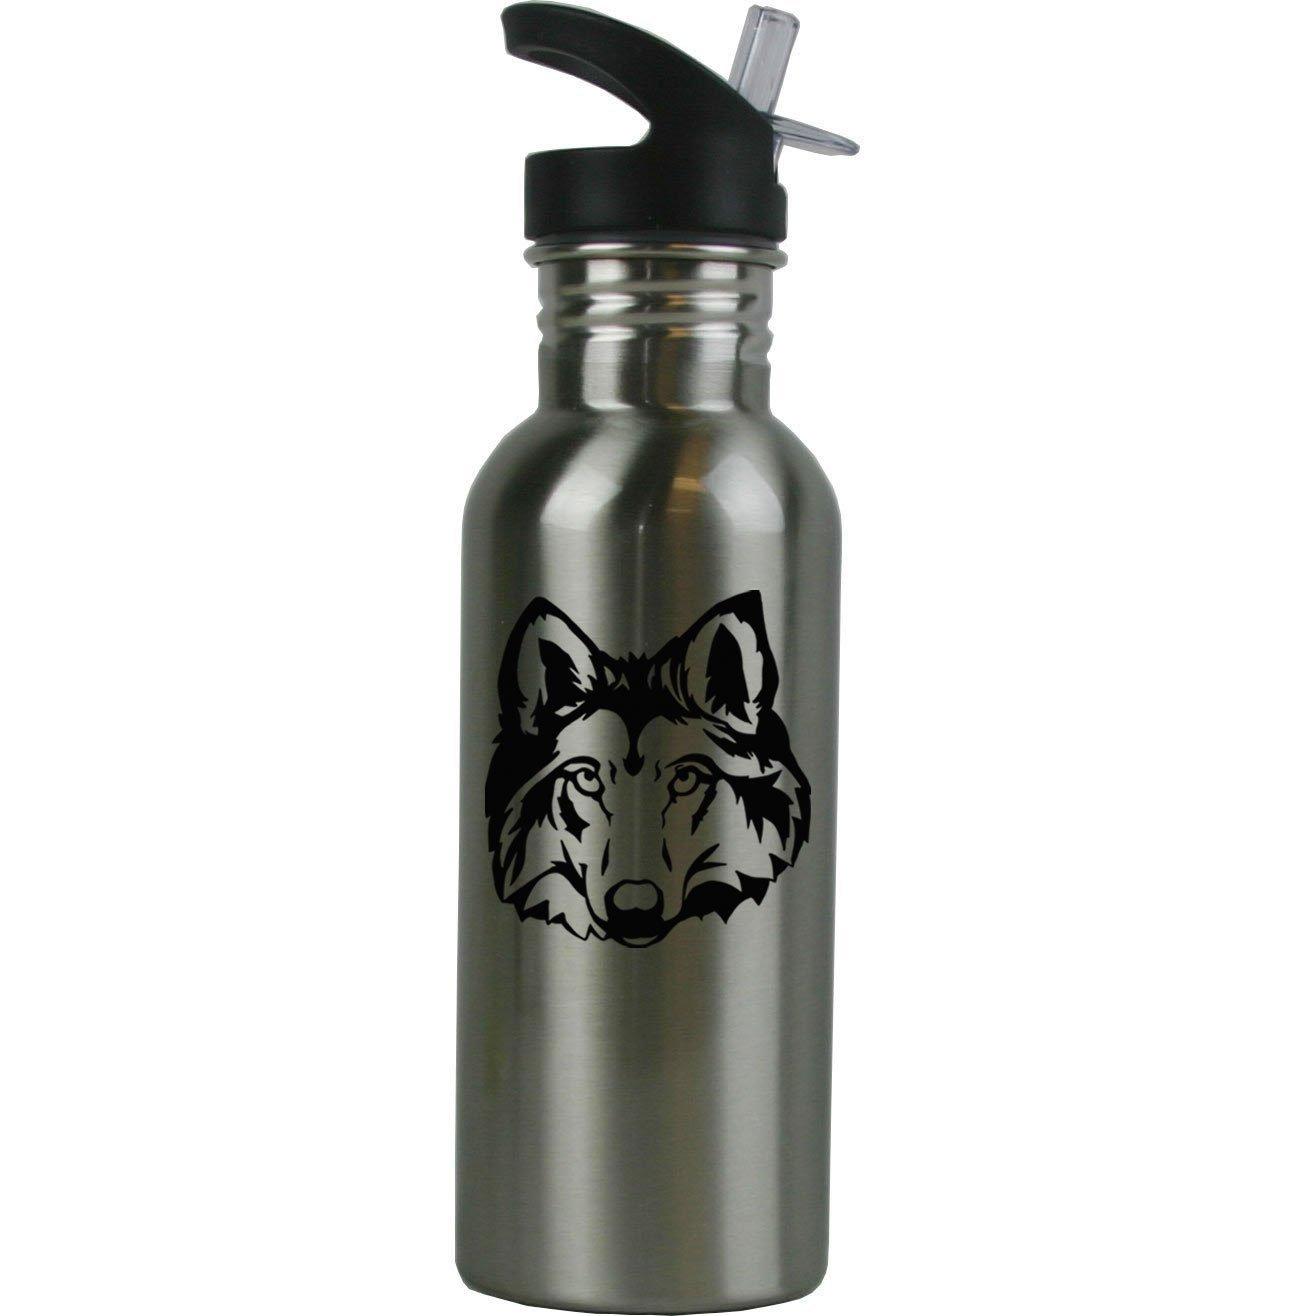 Personalisierte Custom Wolf/Husky Kopf Edelstahl Wasser Flasche mit Trinkhalm Top 20 Unze Sport Wasser Flasche anpassbare